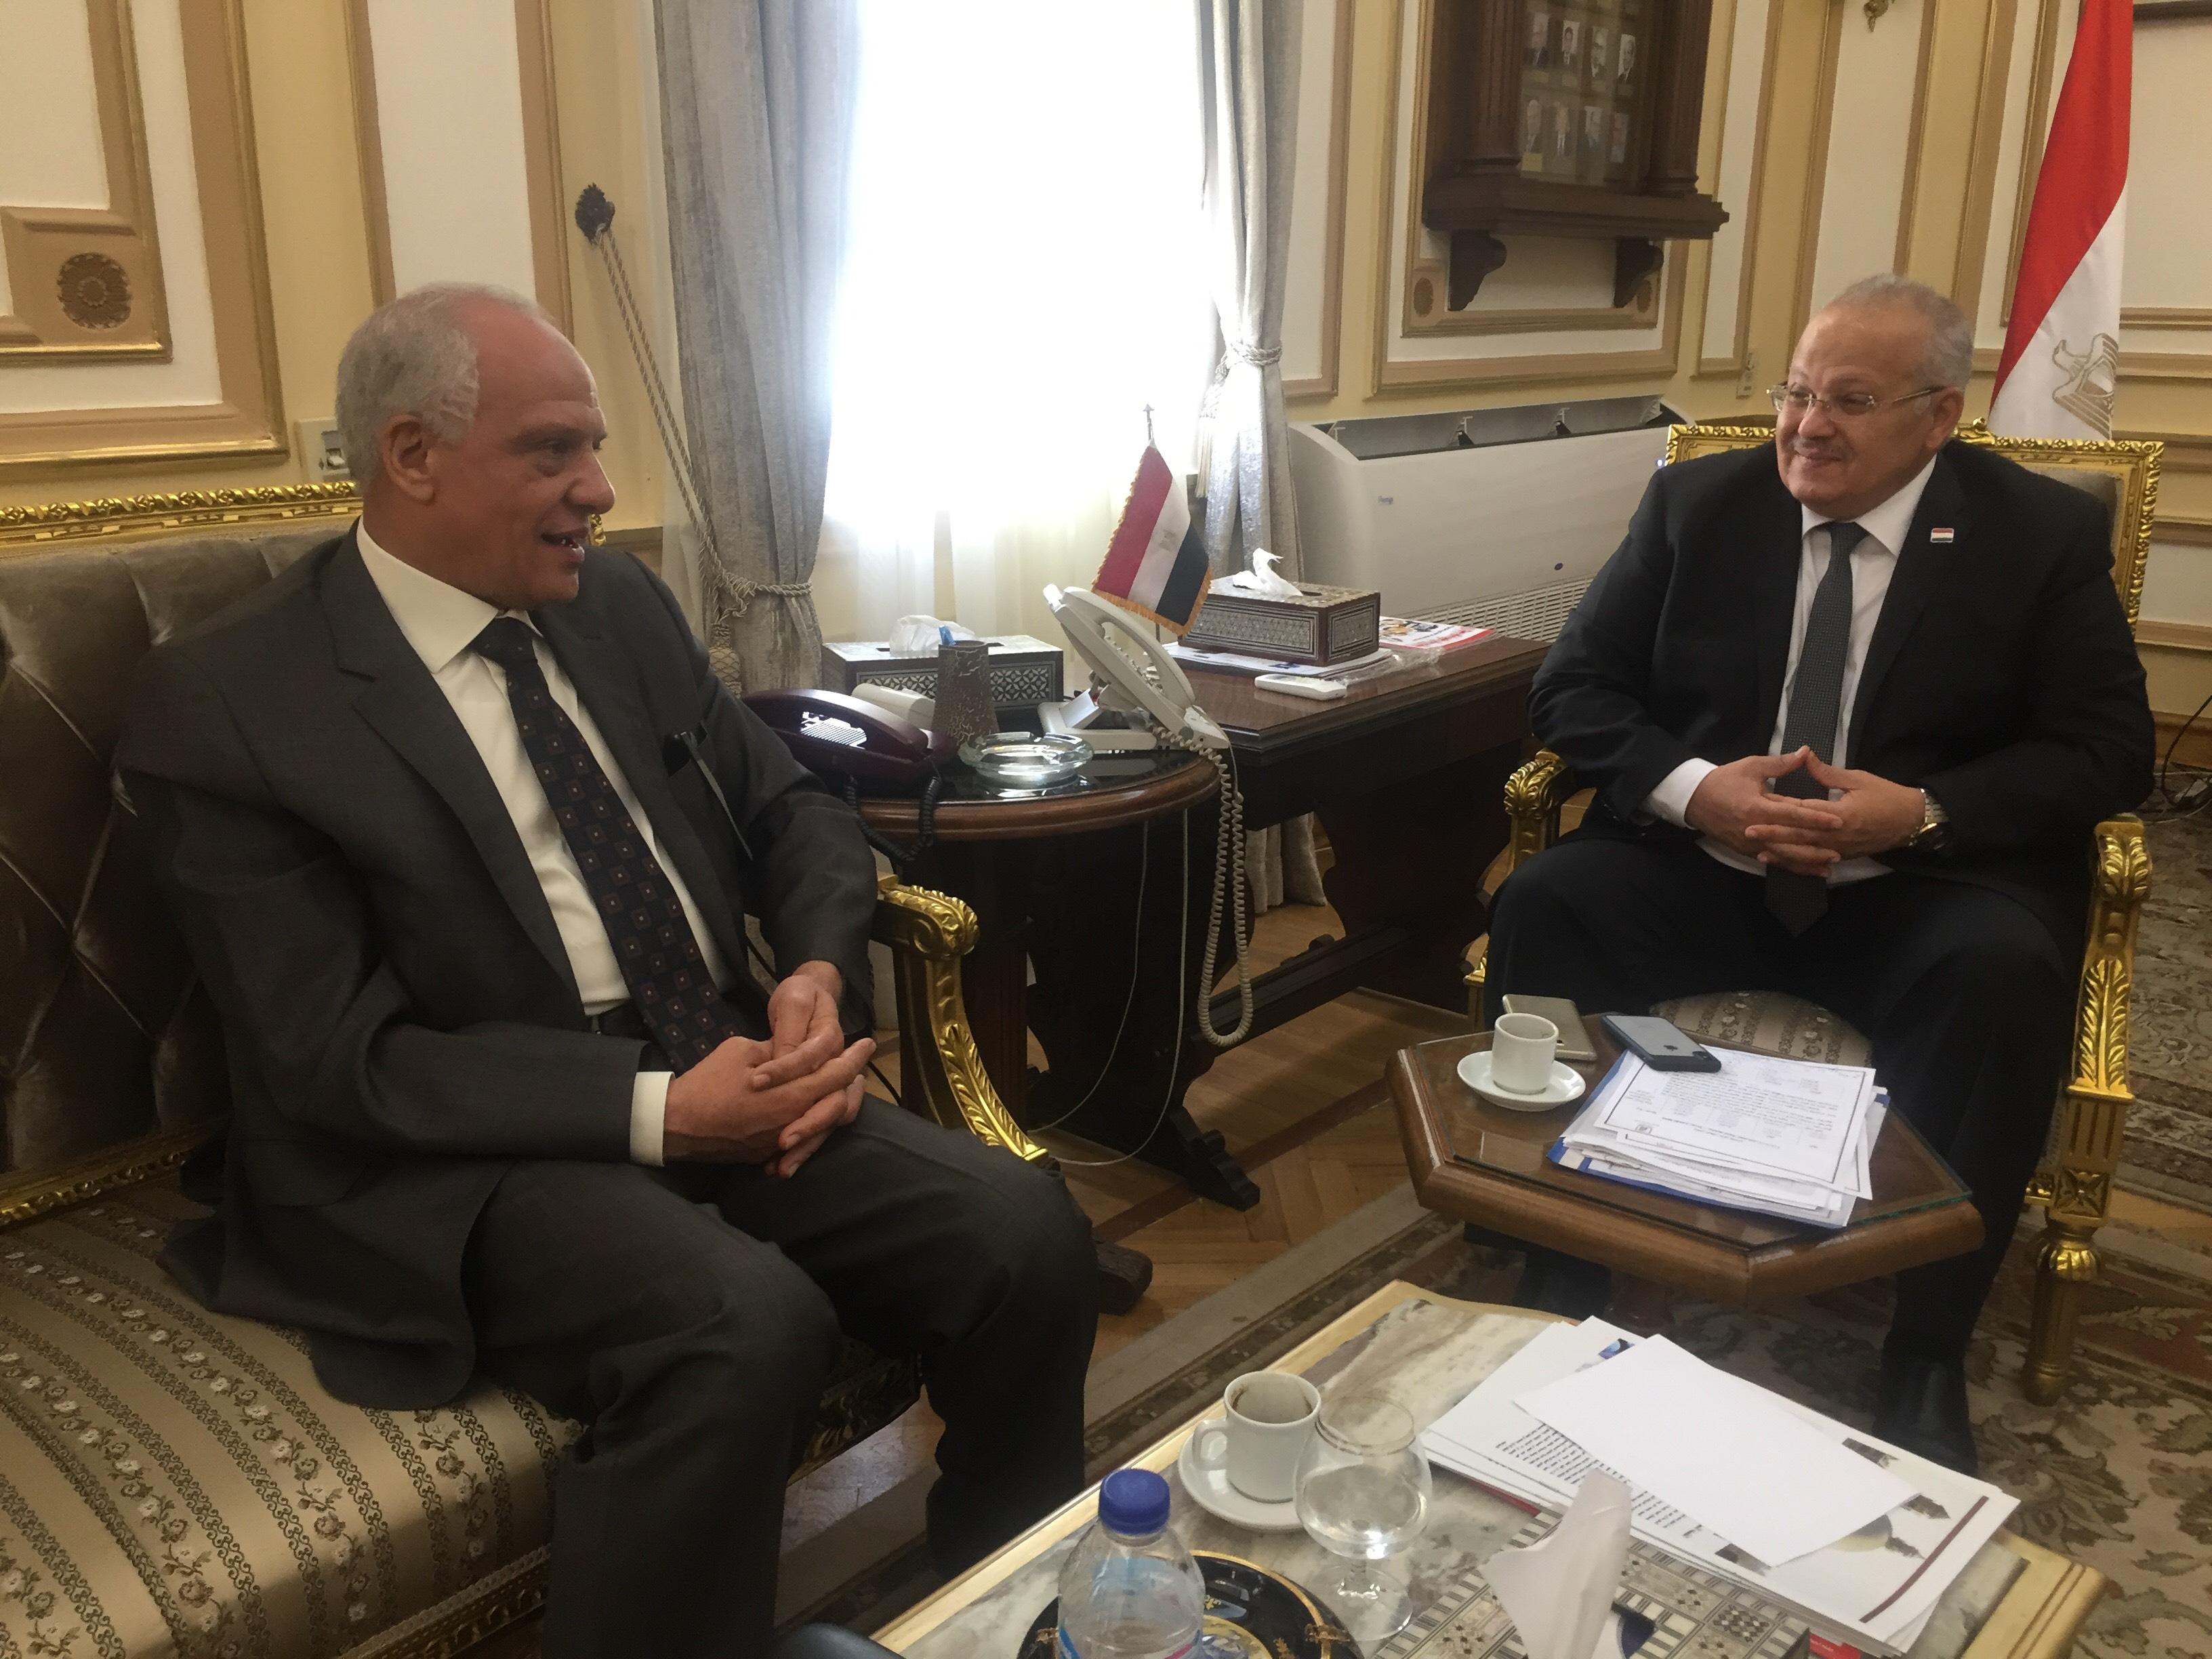 . رئيس جامعة القاهرة يستقبل محافظ الجيزة بمكتبه لبحث استعدادات العام الدراسى الجديد (4)